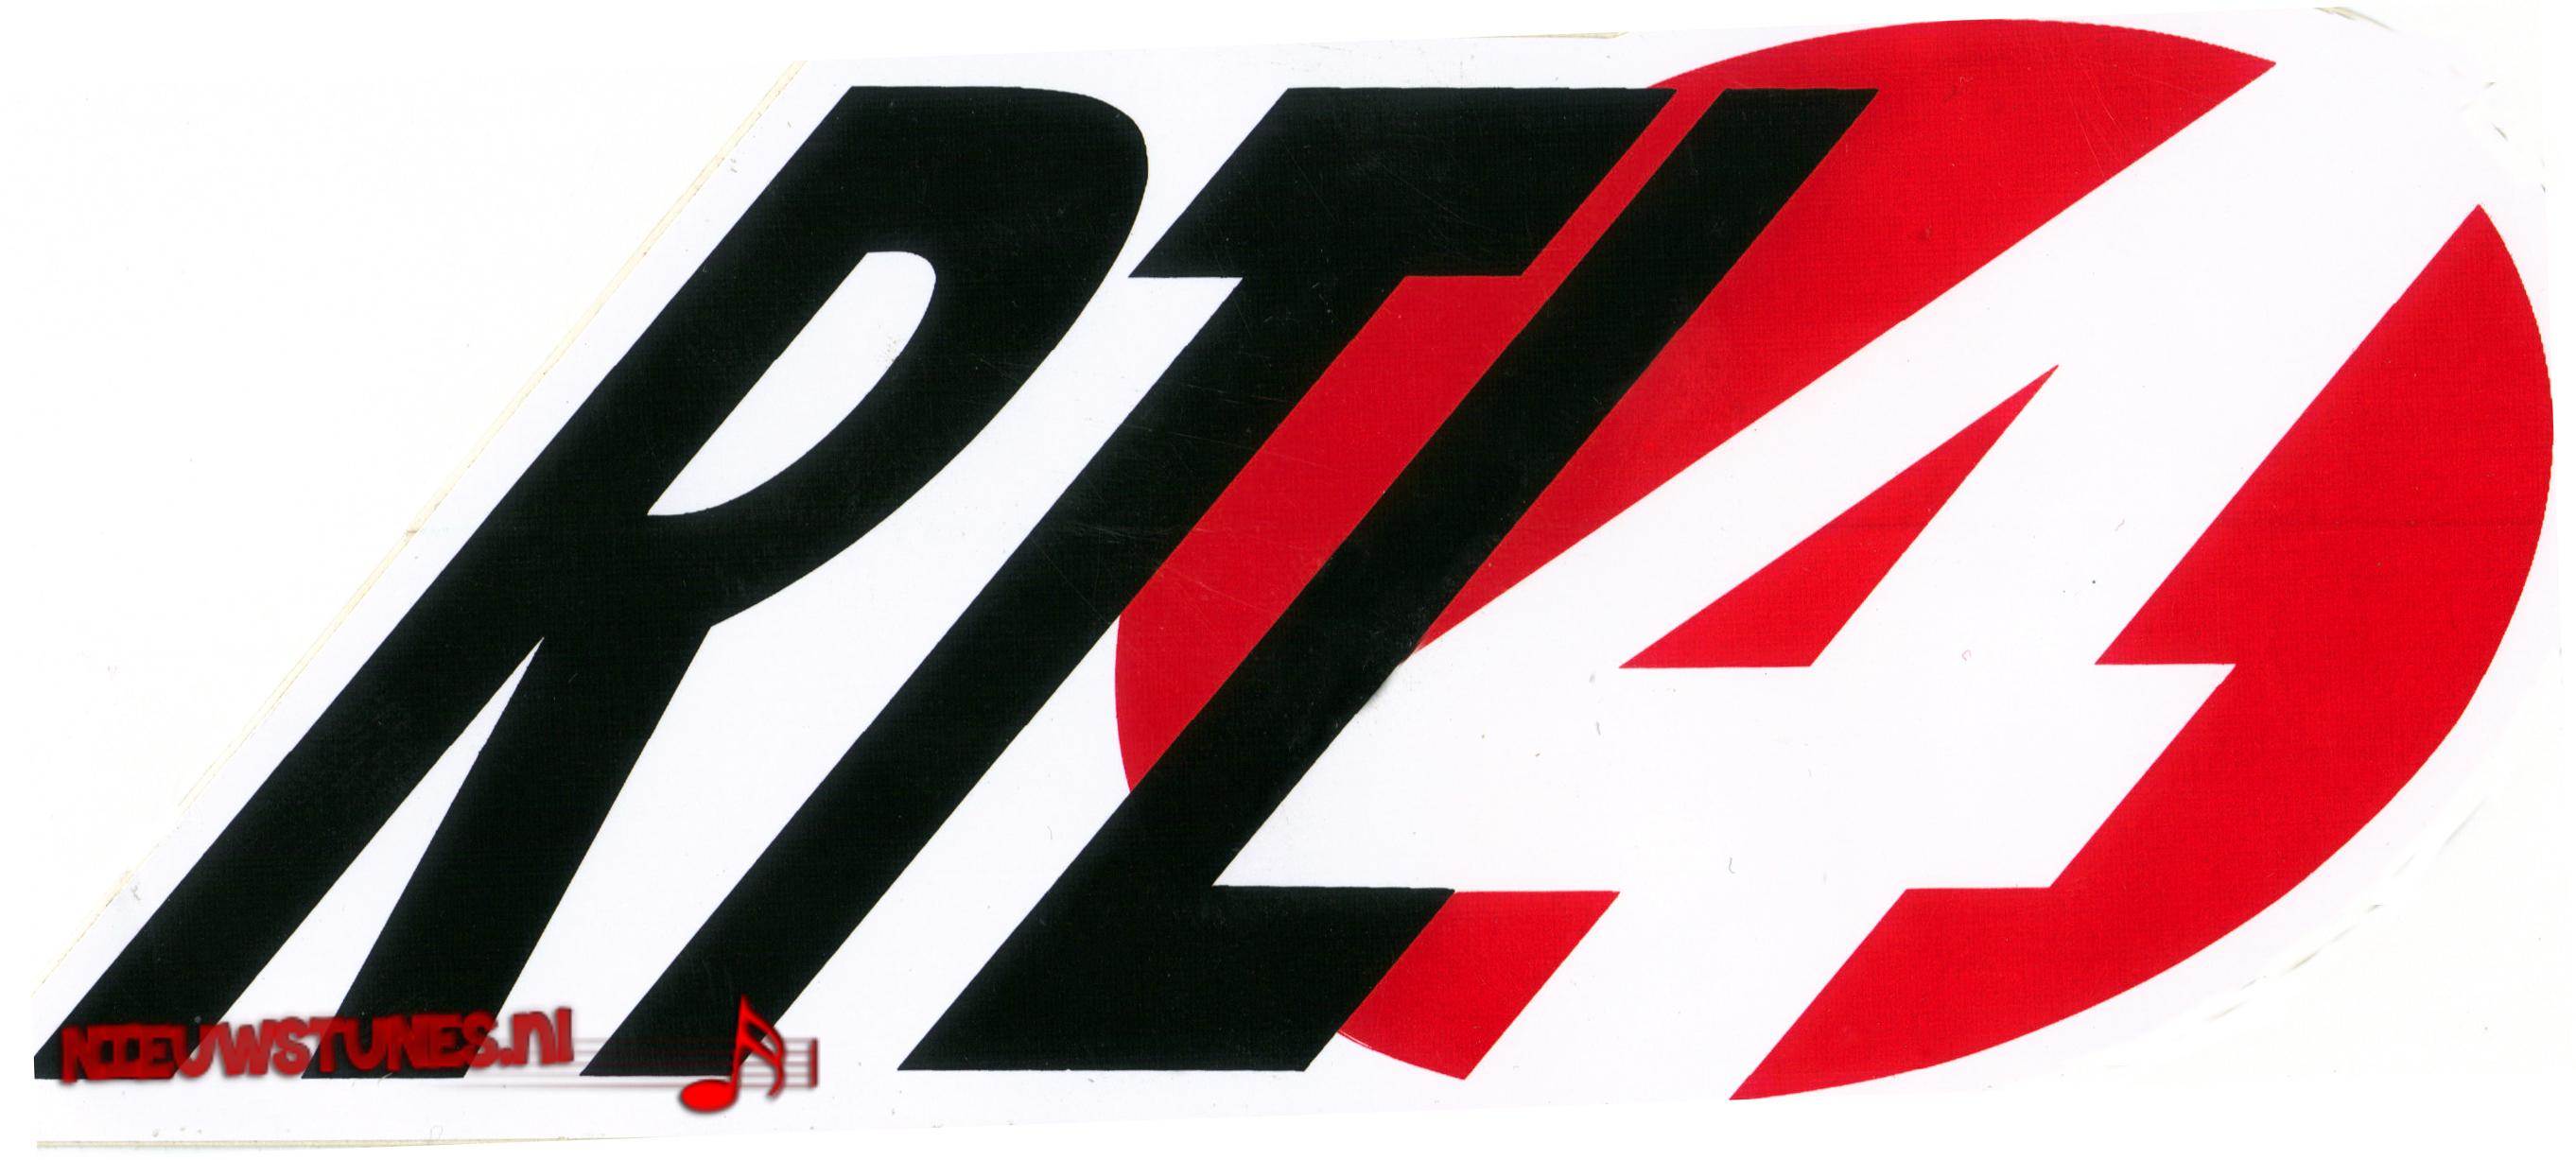 Archief special 25 jaar rtl4 25 jaar for Rtl4 programma